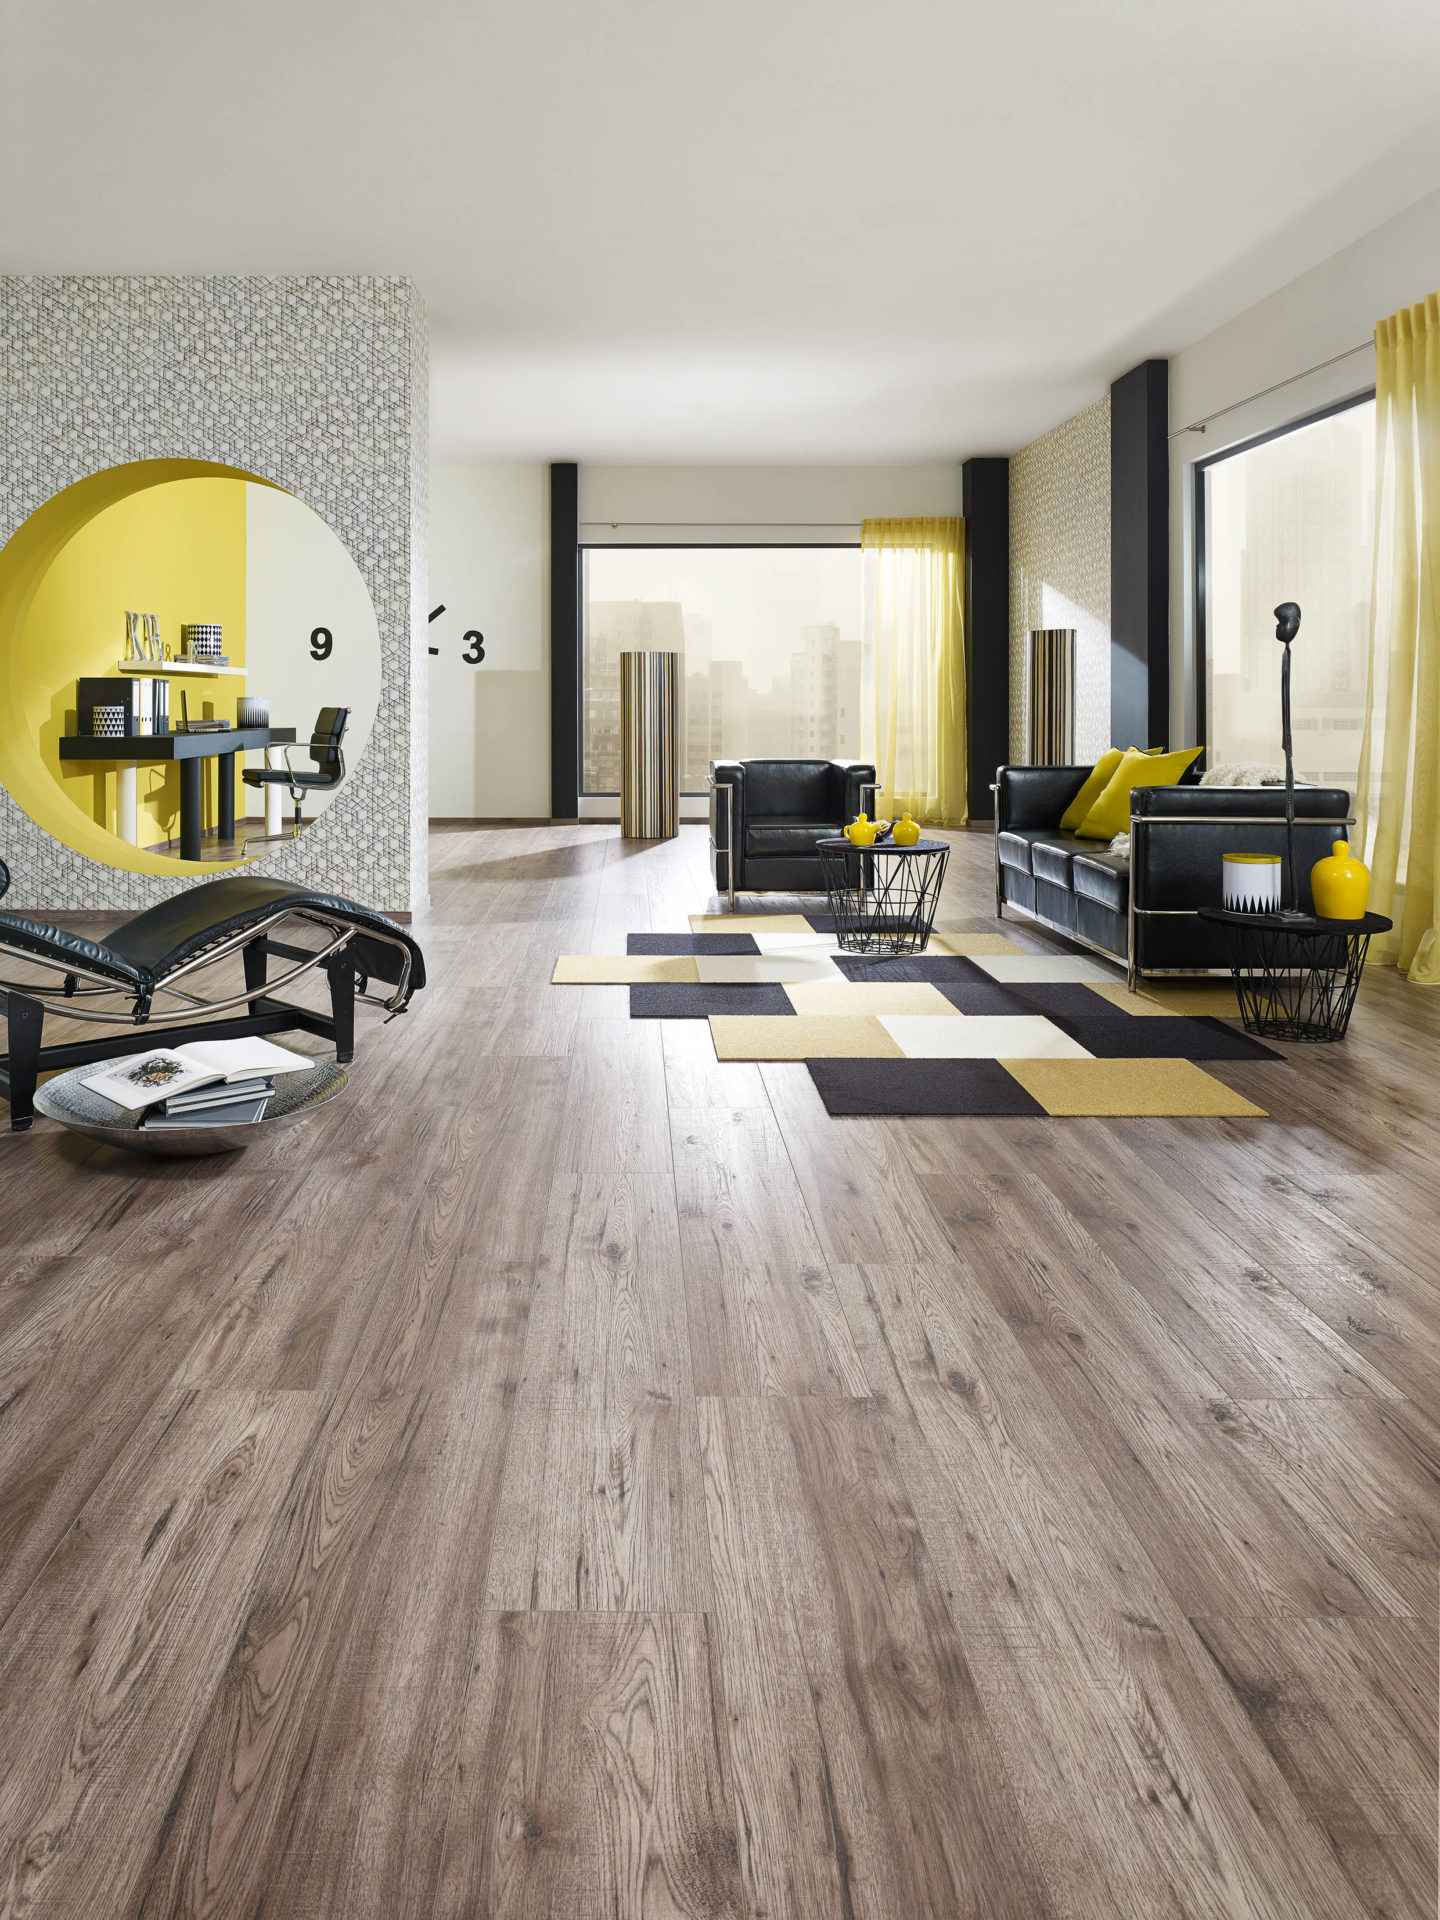 Inspirierend Fussboden Wohnzimmer Ideen Design